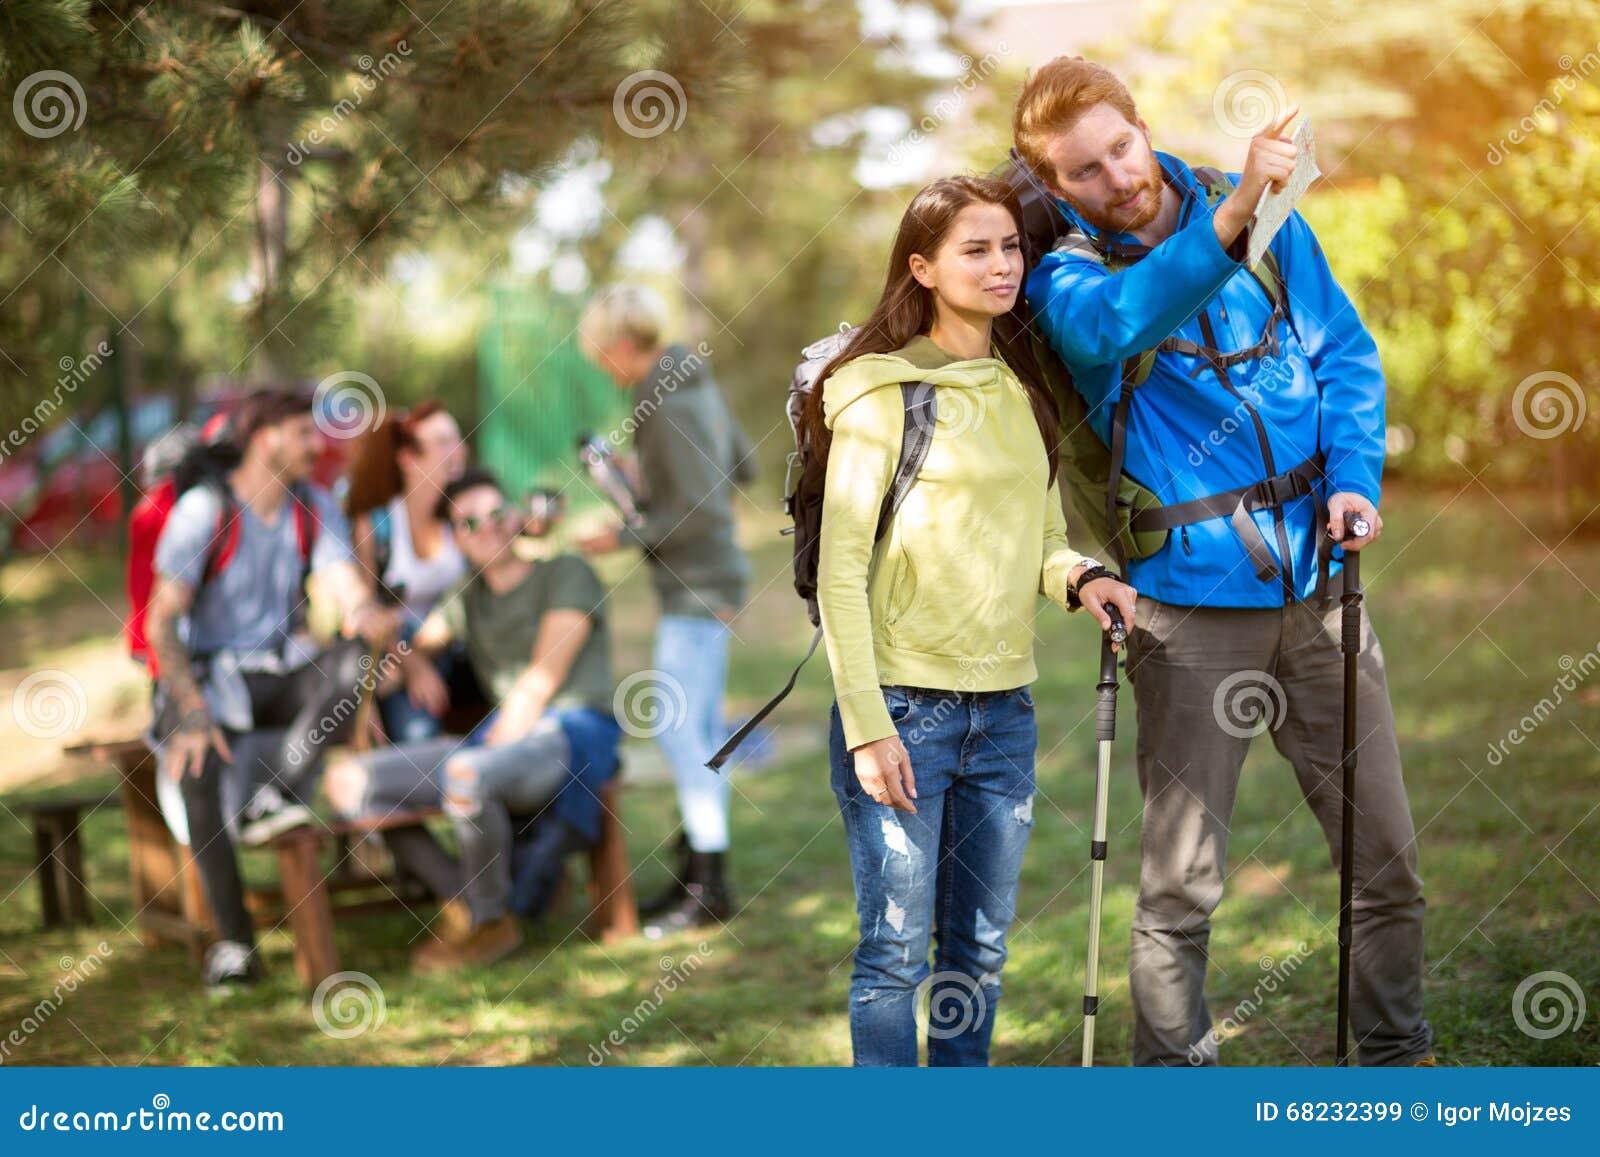 Caminhante masculino e fêmea na madeira